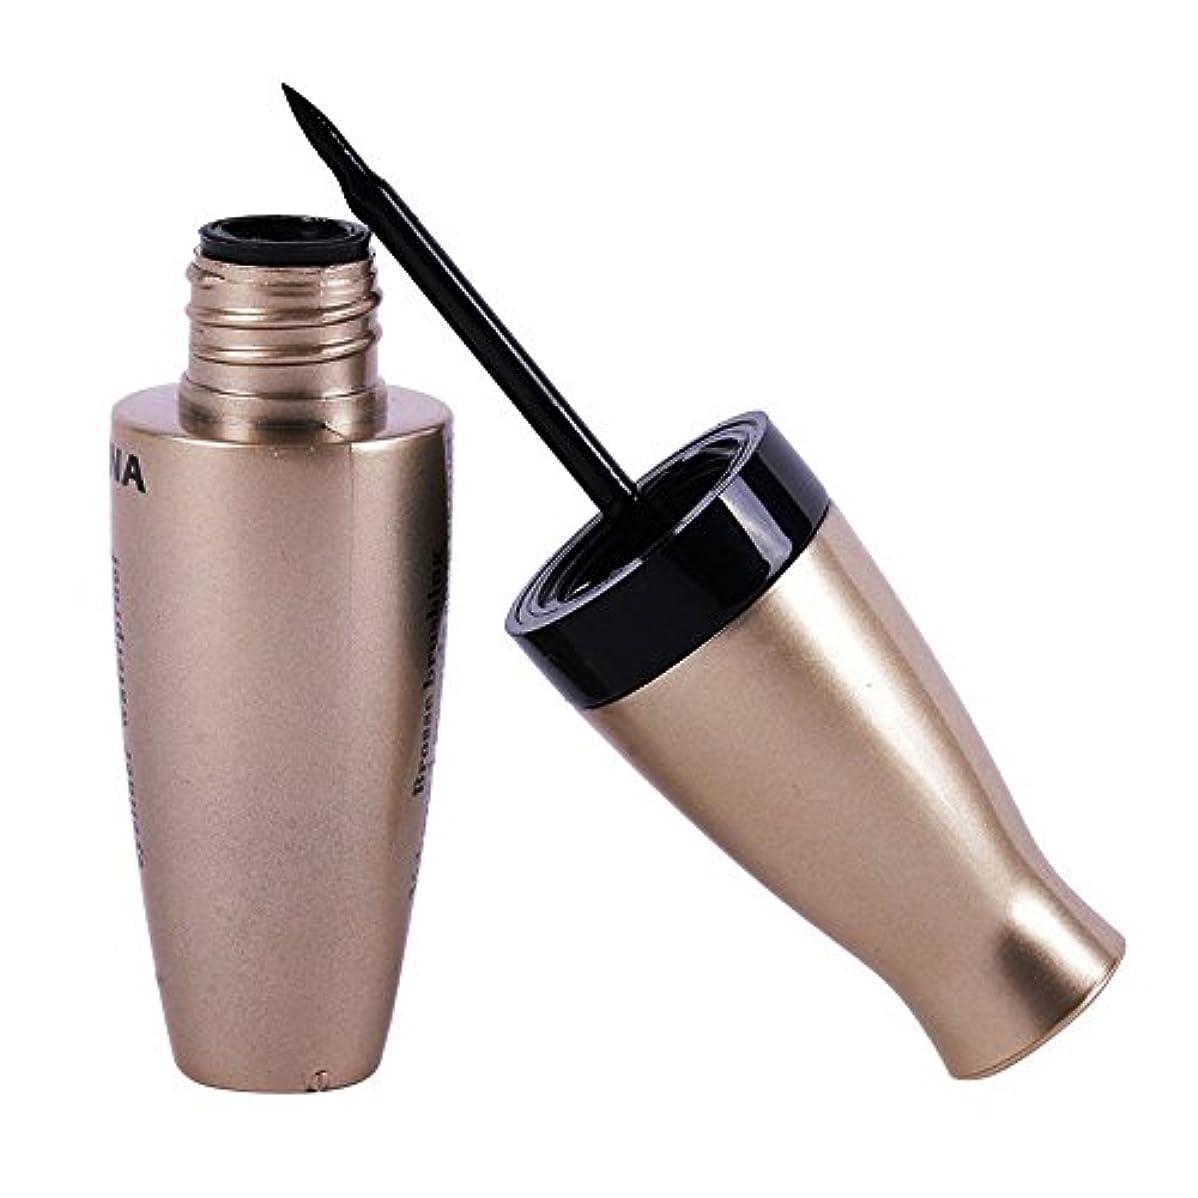 分散傾いた拒絶する新しいアイライナー防水リキッドアイライナーペンシルペンメイクアップ美容化粧品